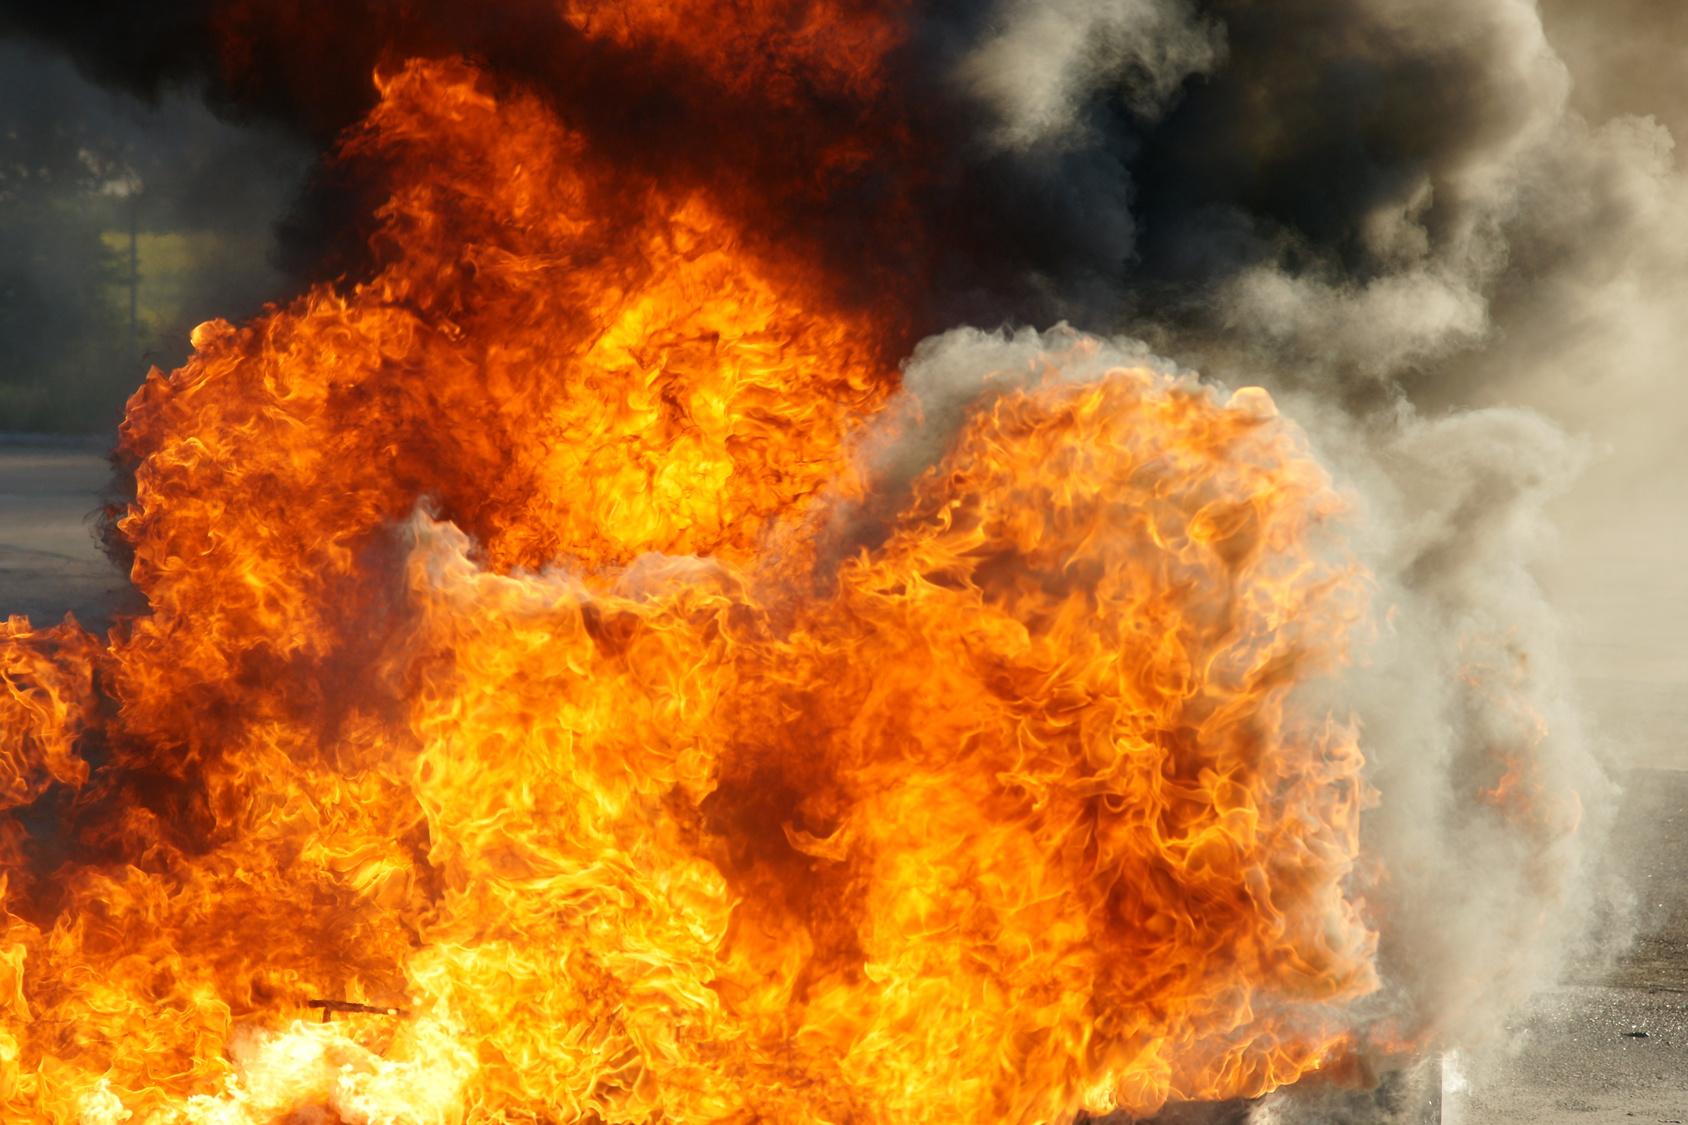 Explosionsschutz: Diese Übergangsfrist läuft zum 31. Mai 2018 ab